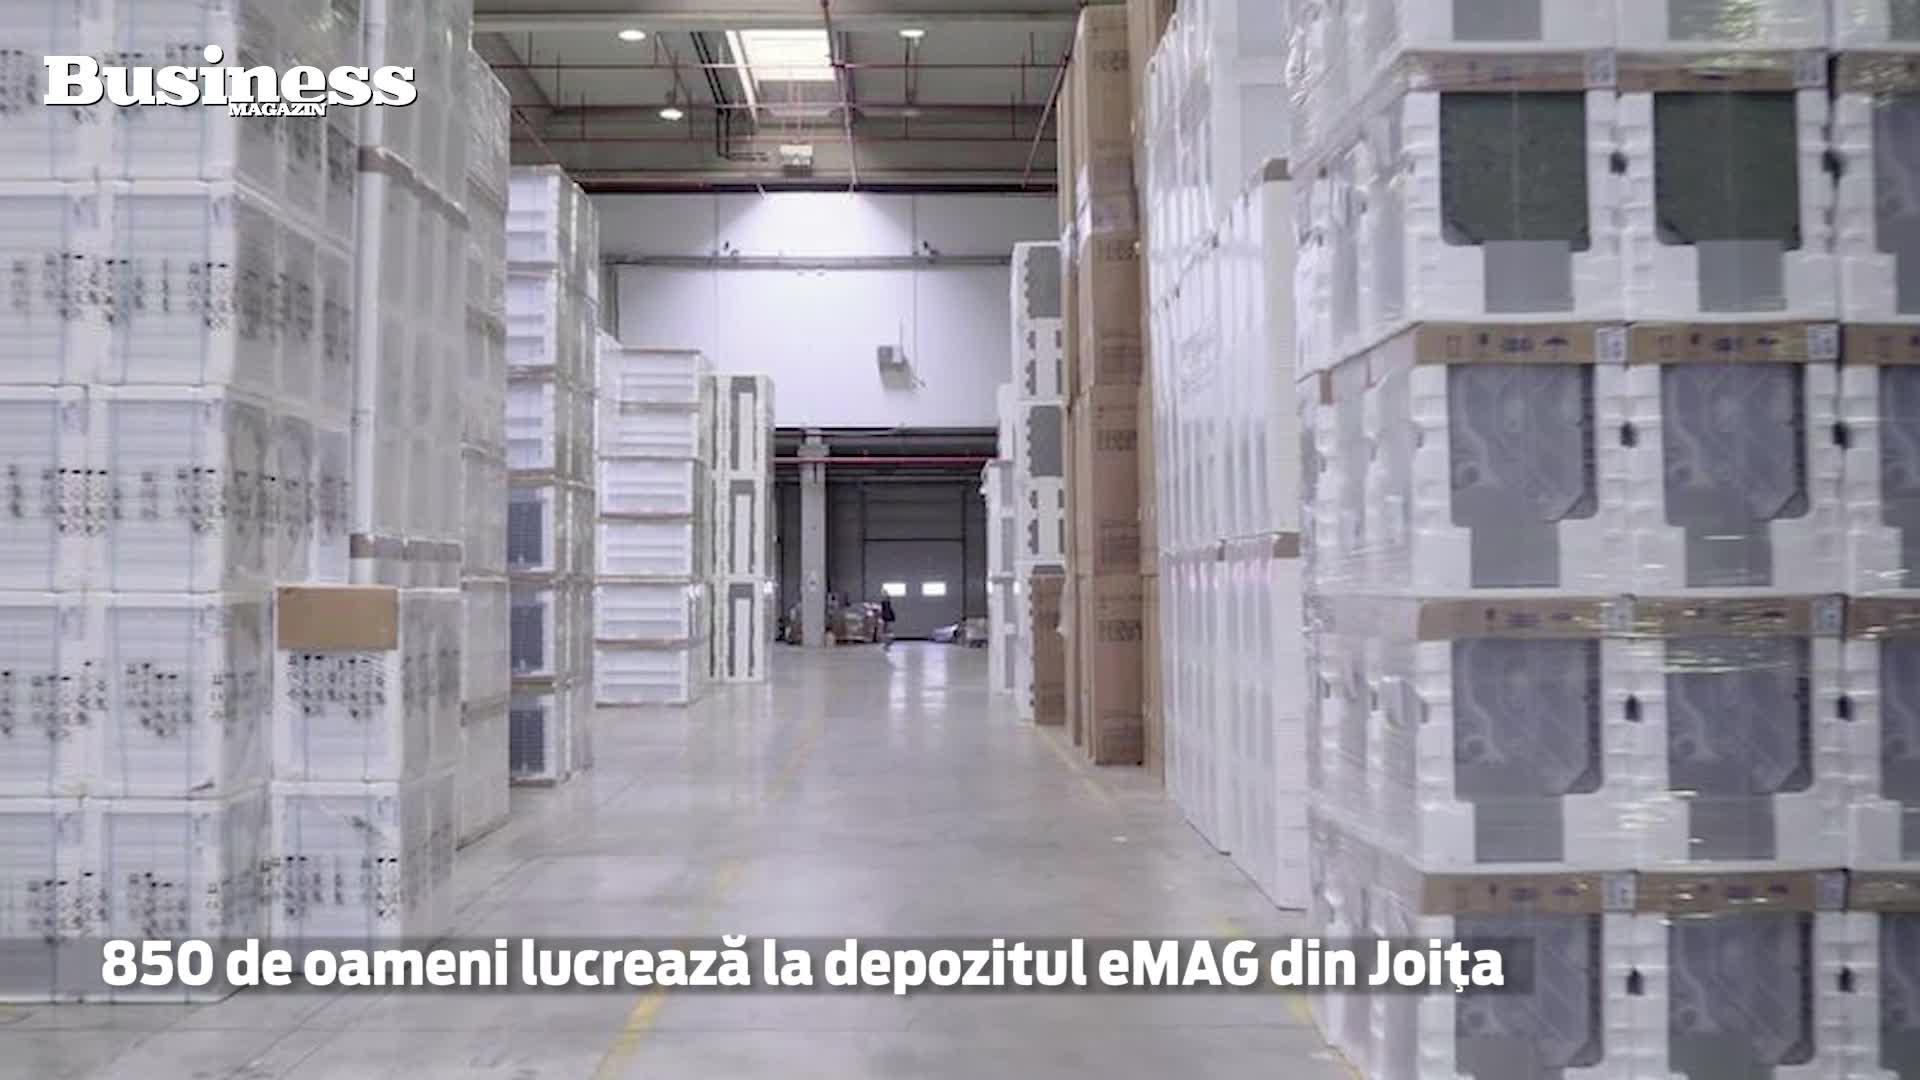 Cel de-al doilea depozit eMAG, construit în Joiţa, Giurgiu este cel mai mare din sud-estul Europei - VIDEO